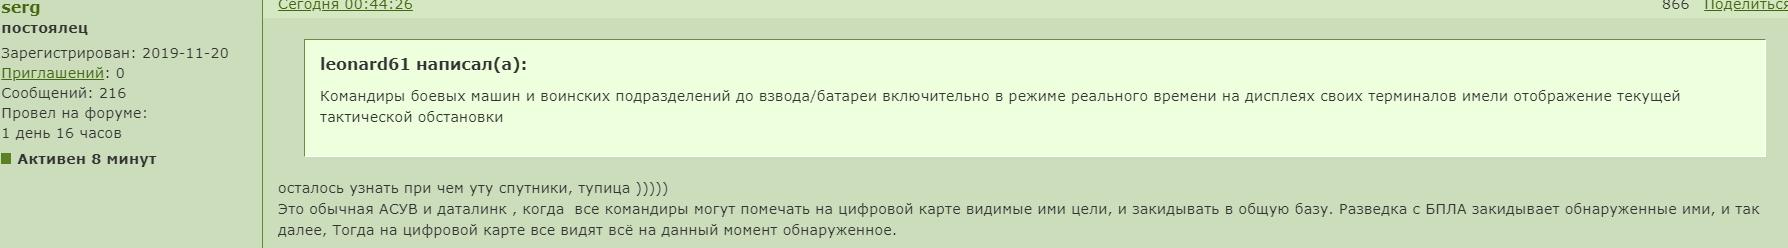 https://images.vfl.ru/ii/1579940860/18c41c01/29317260.png